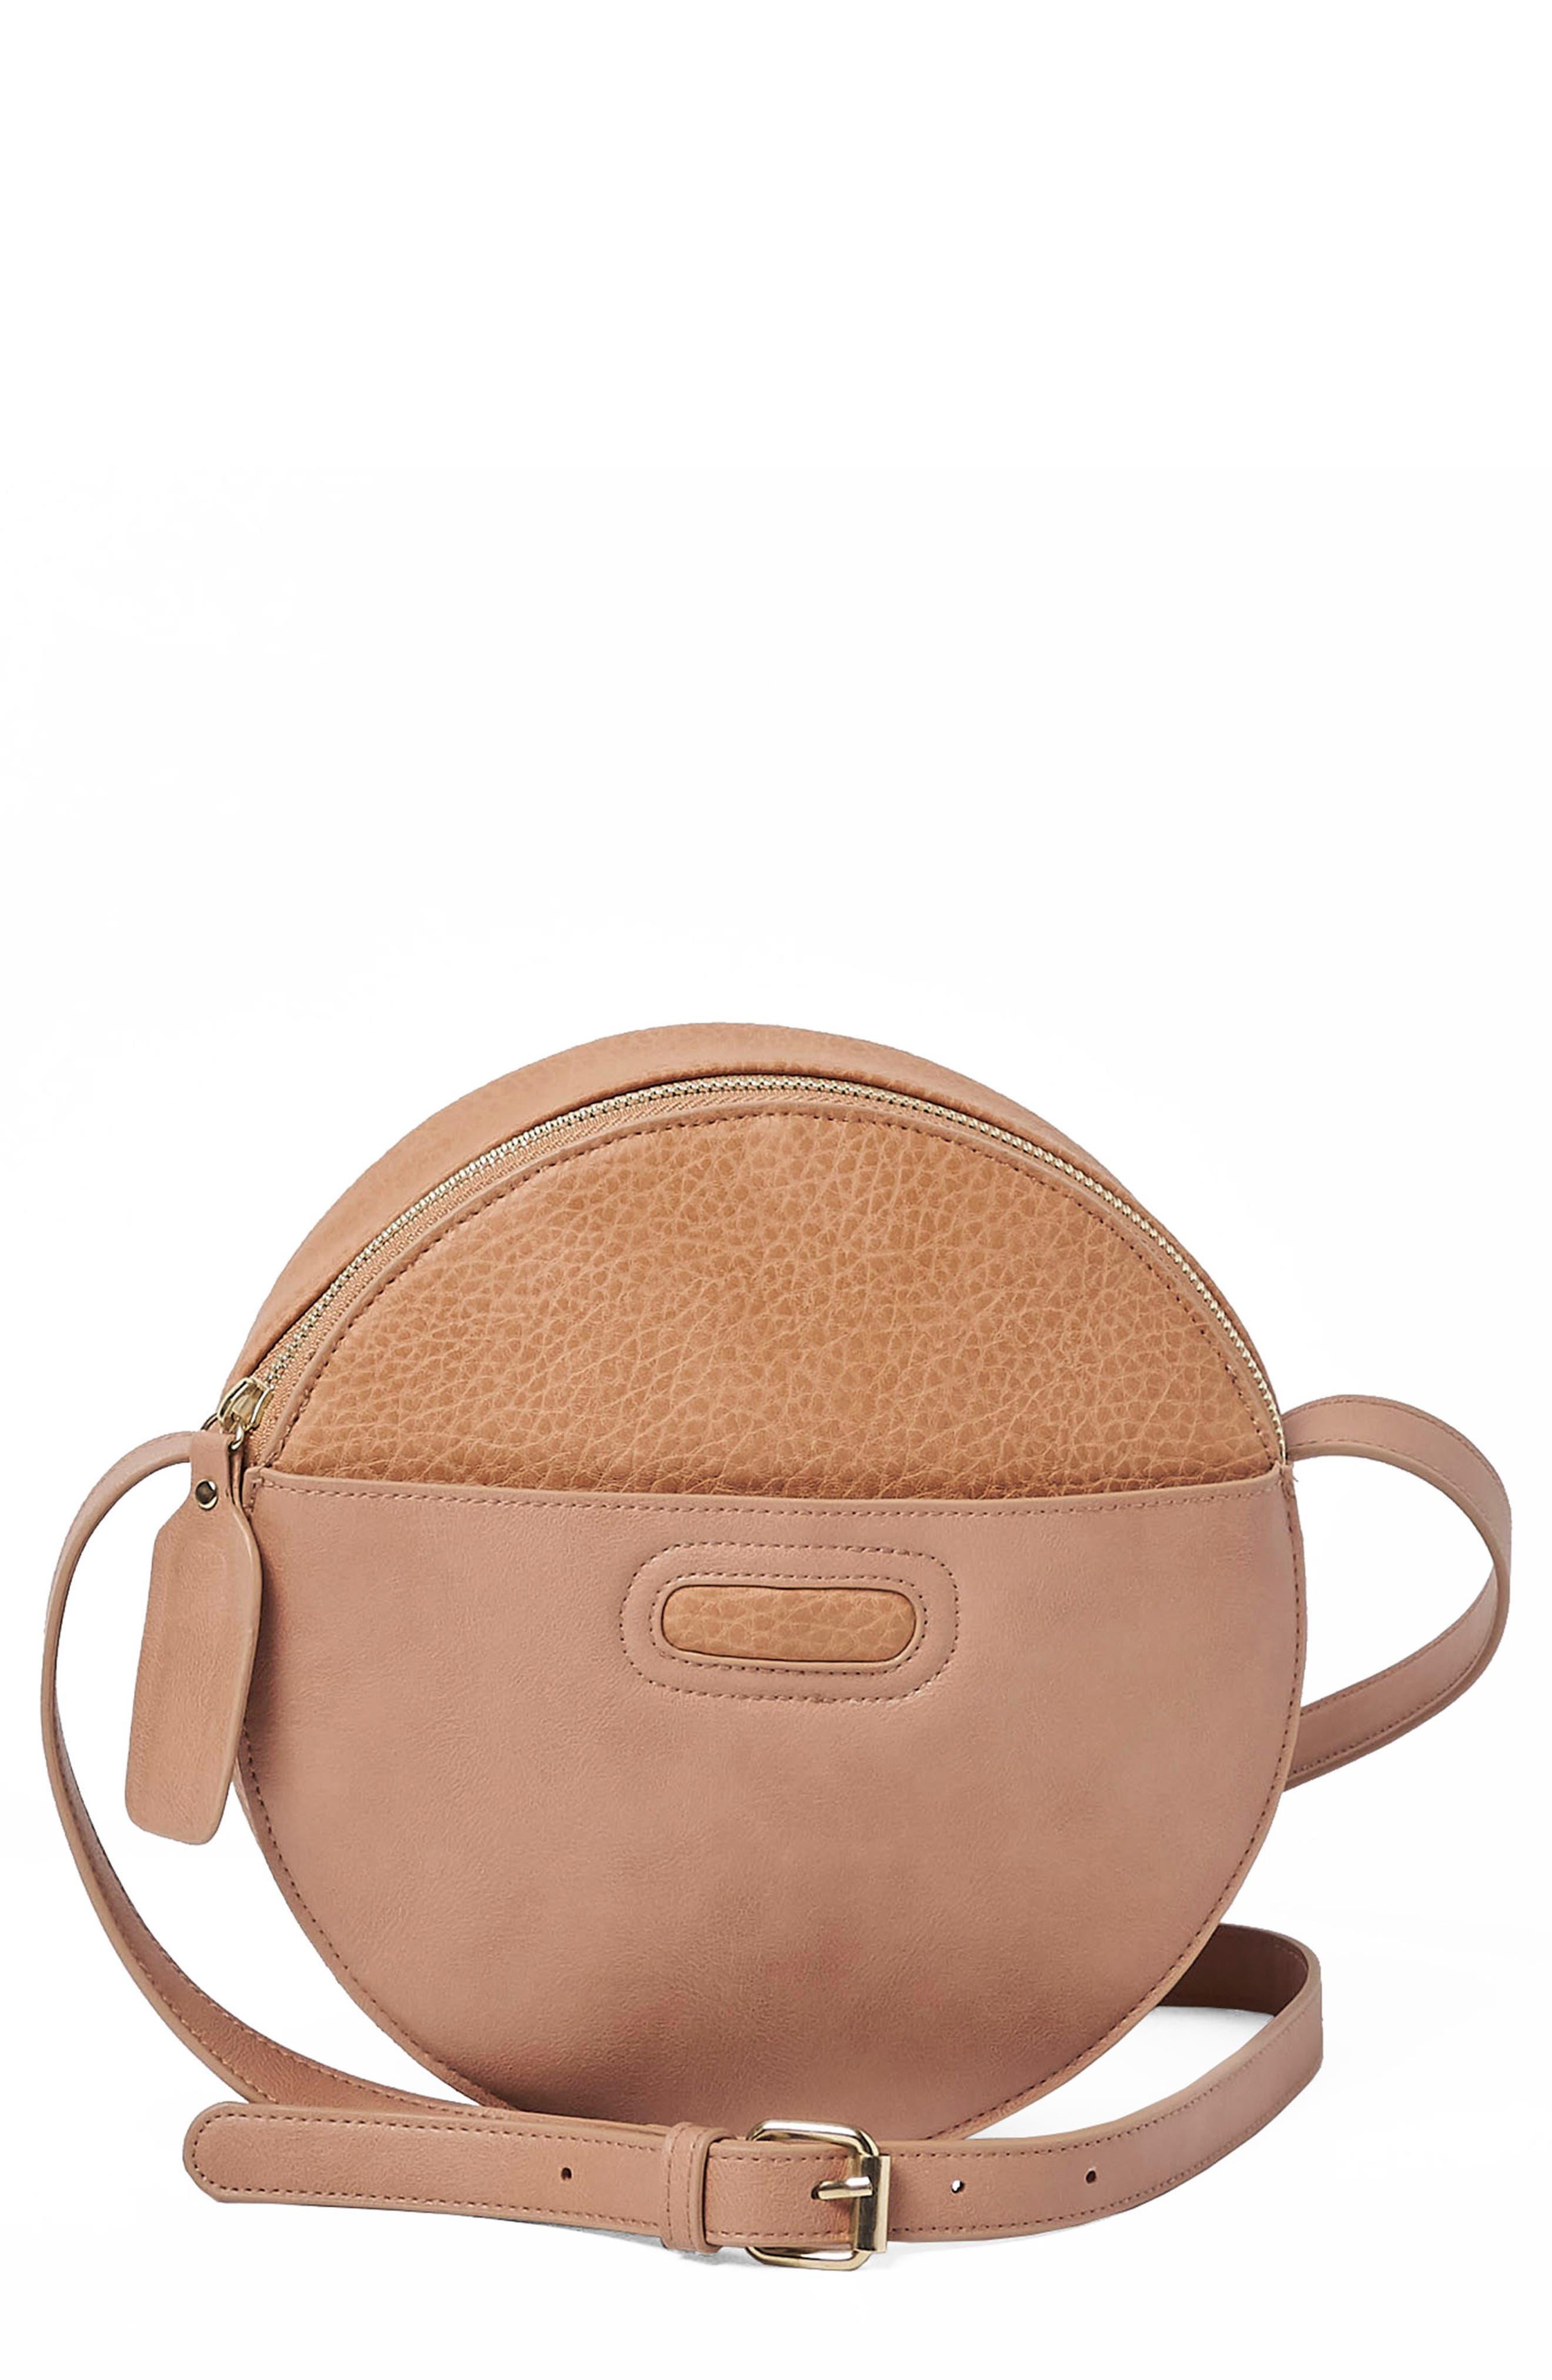 URBAN ORIGINALS Carousel Vegan Leather Crossbody Bag, Main, color, LATTE